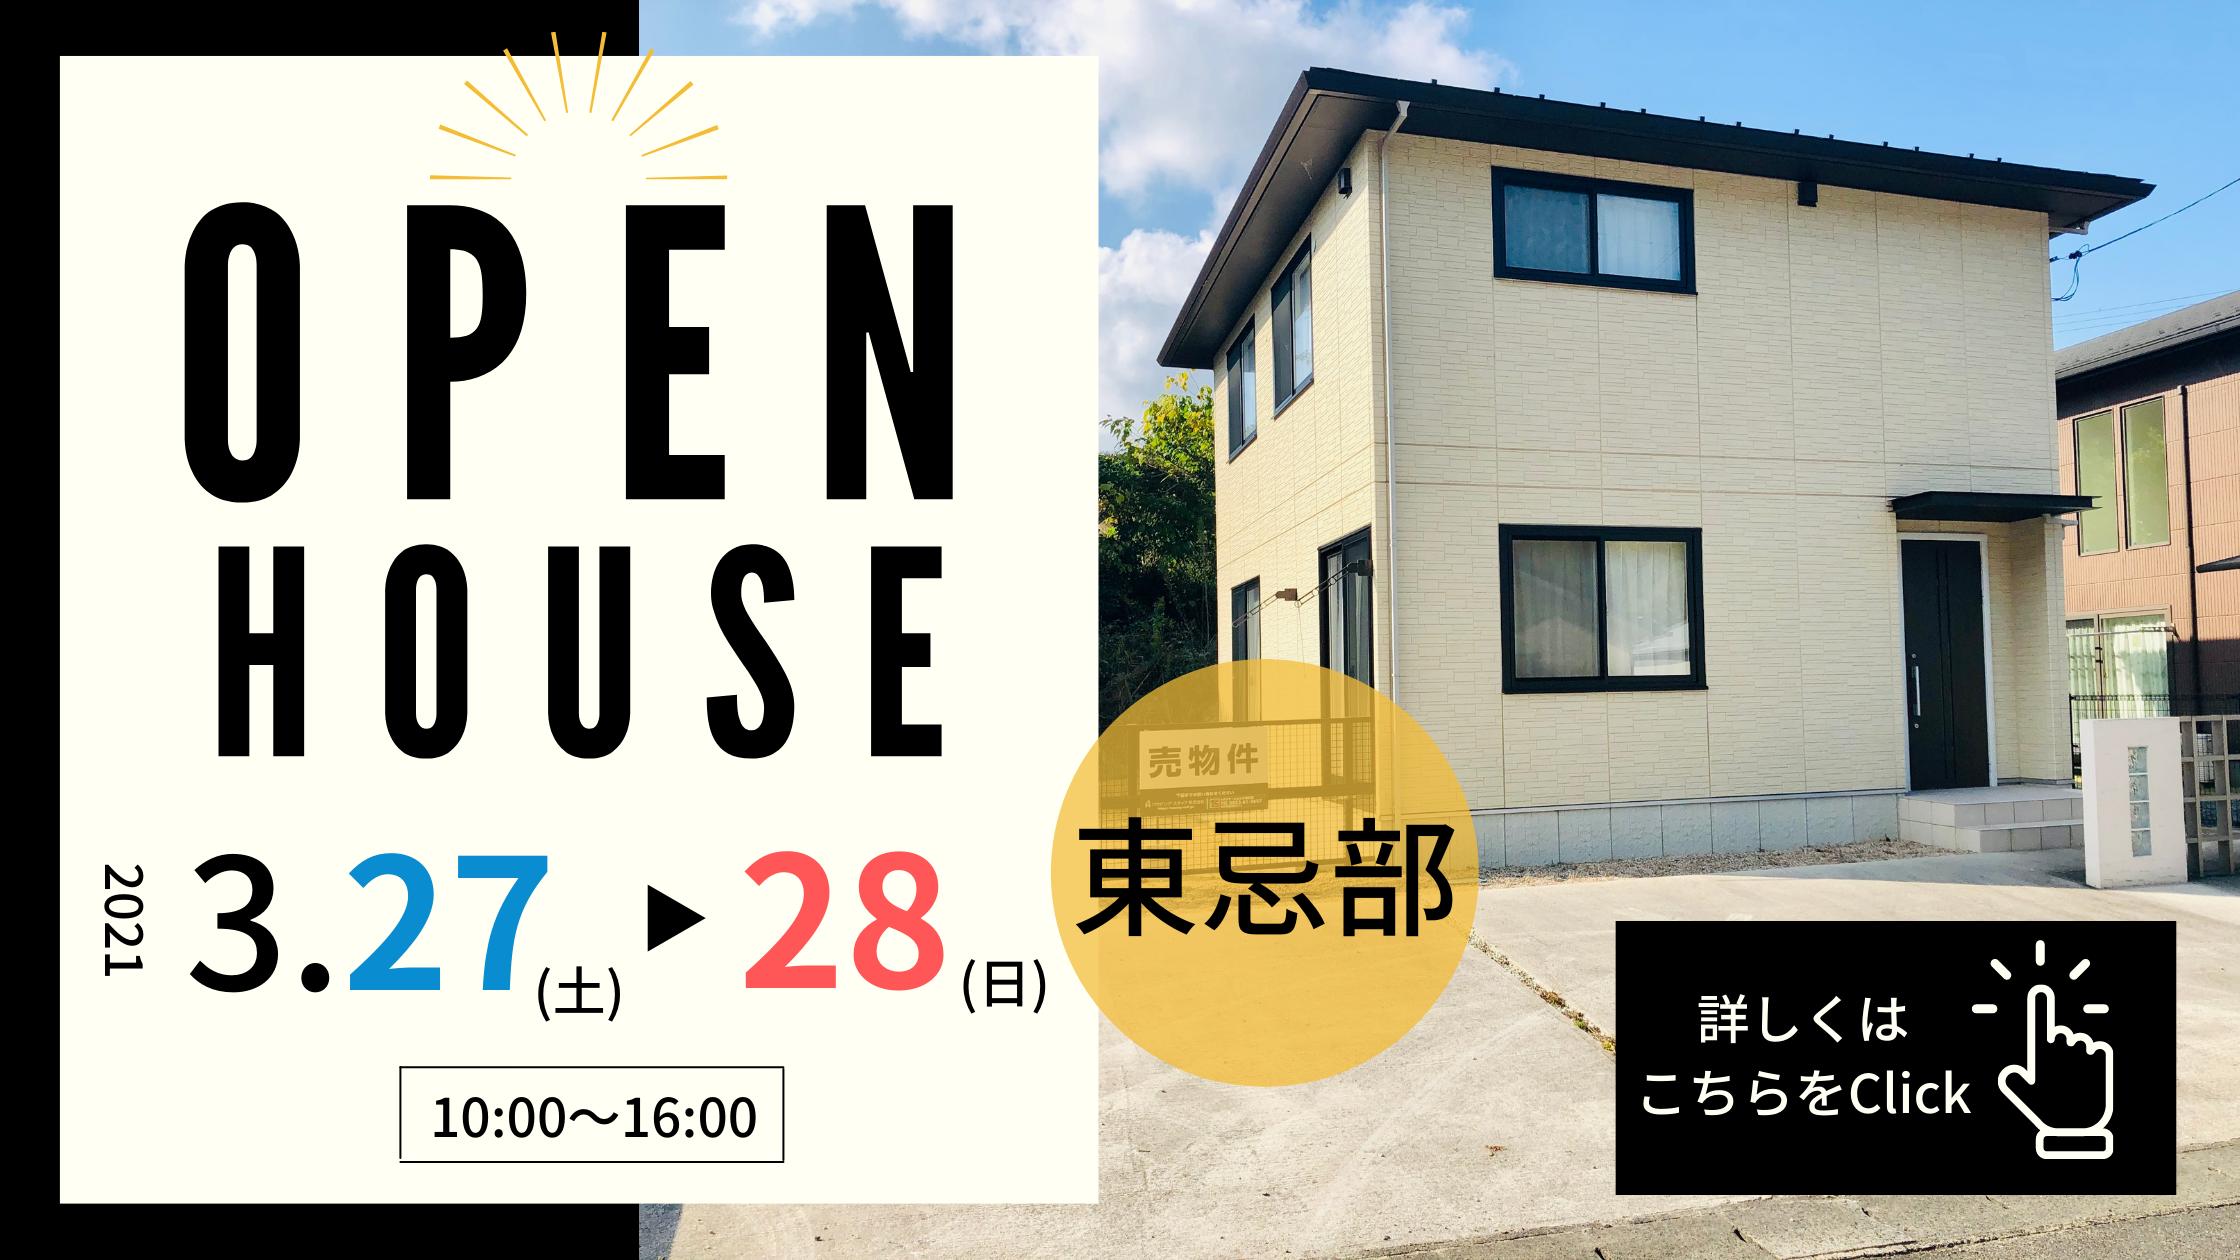 ✨3月27日(土)~28日(日) OPEN HOUSE開催します!!✨